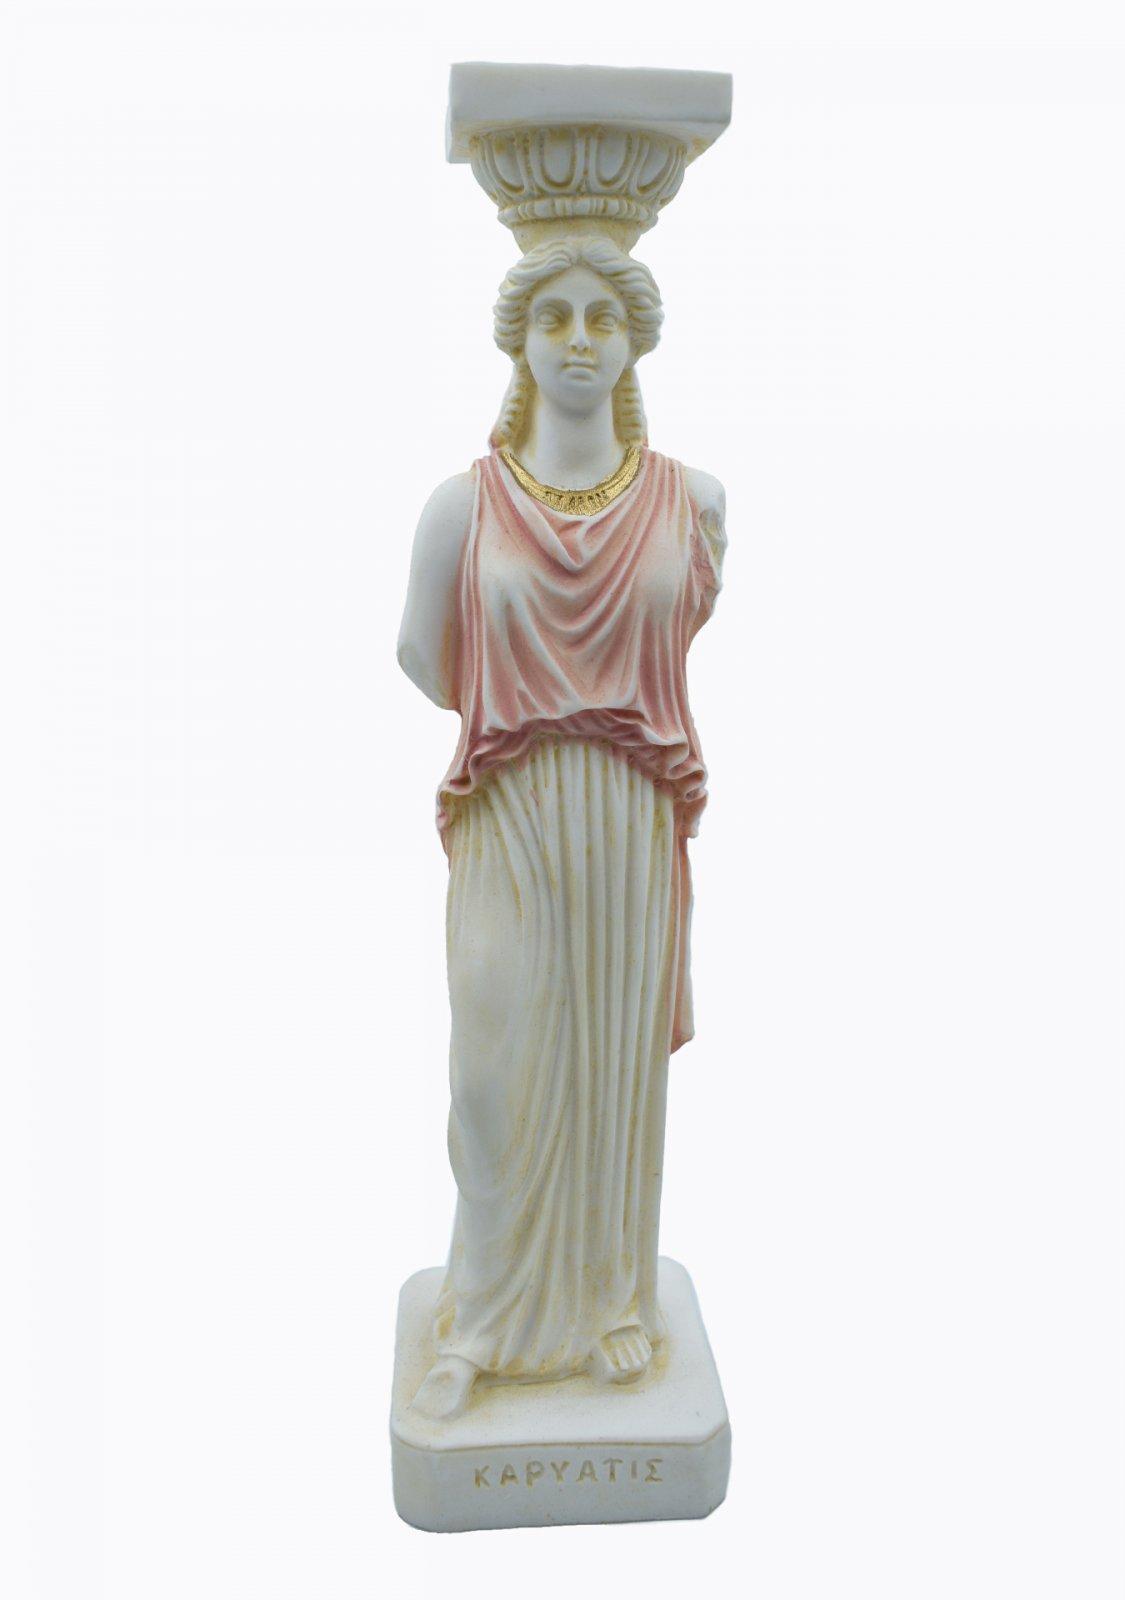 Caryatid greek alabaster statue - pink